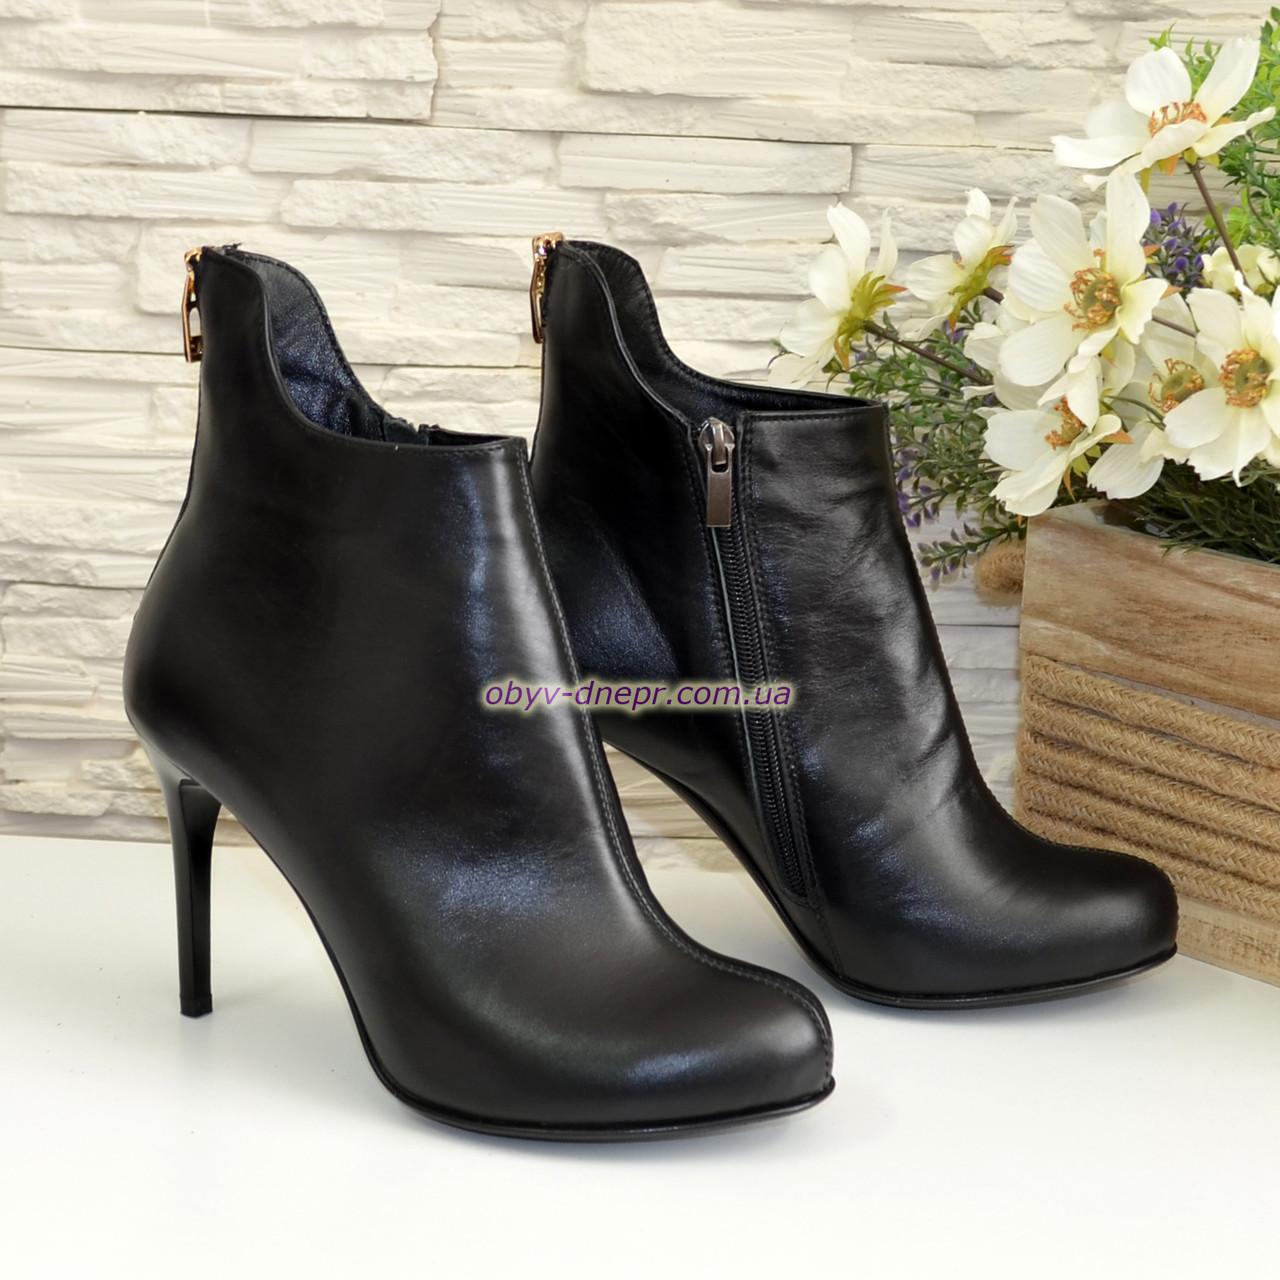 Черевики шкіряні жіночі туфлі на шпильці, декоровані блискавкою. Колір чорний